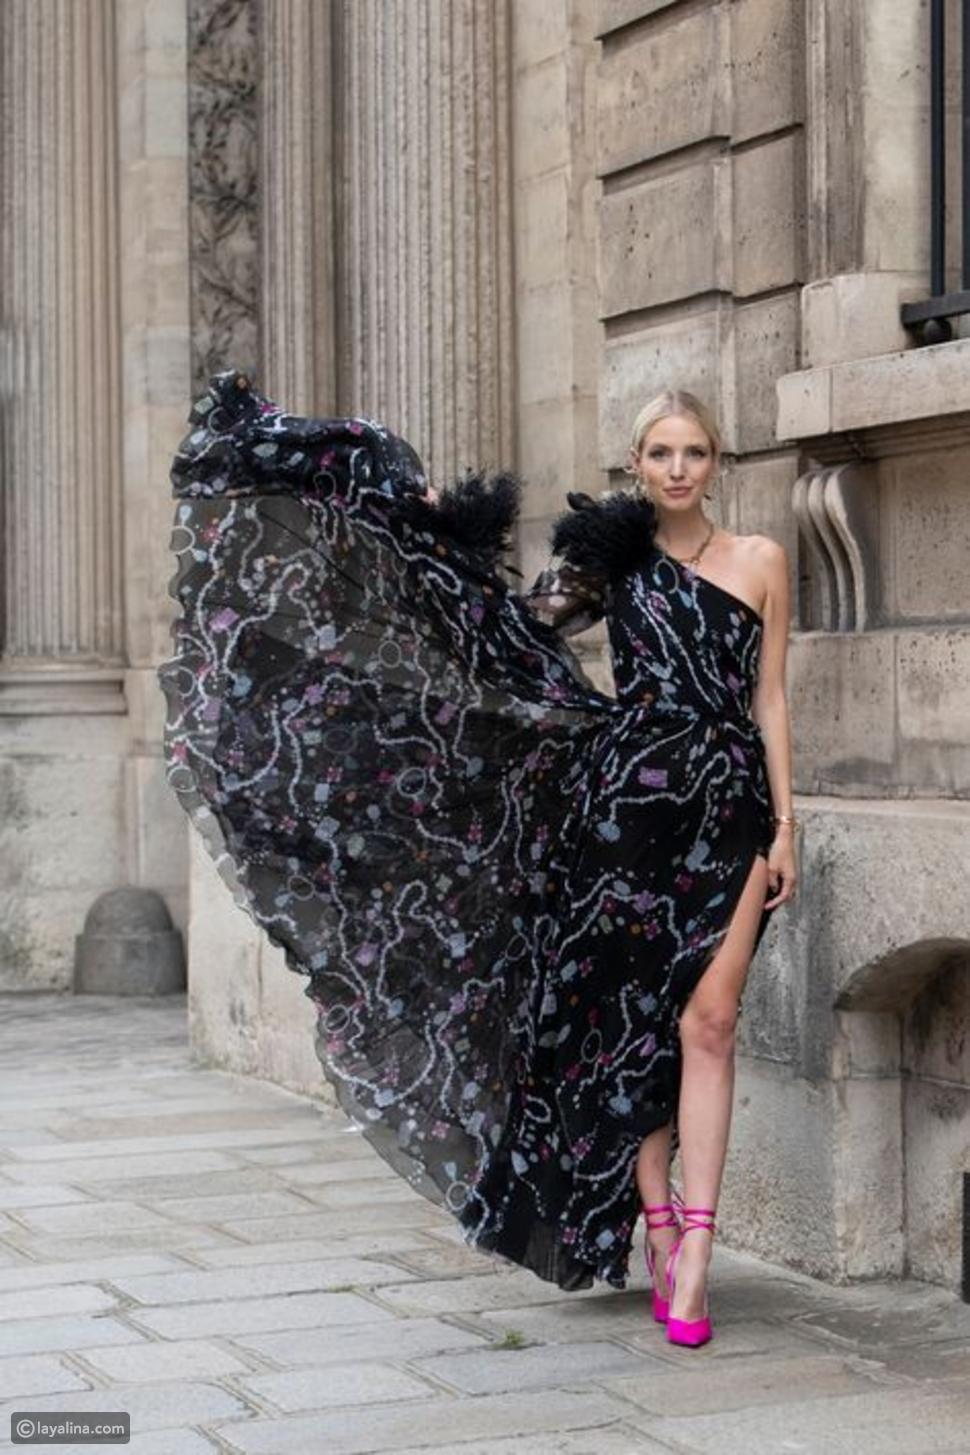 الفستان الطويل المطبوع باللون الأسود